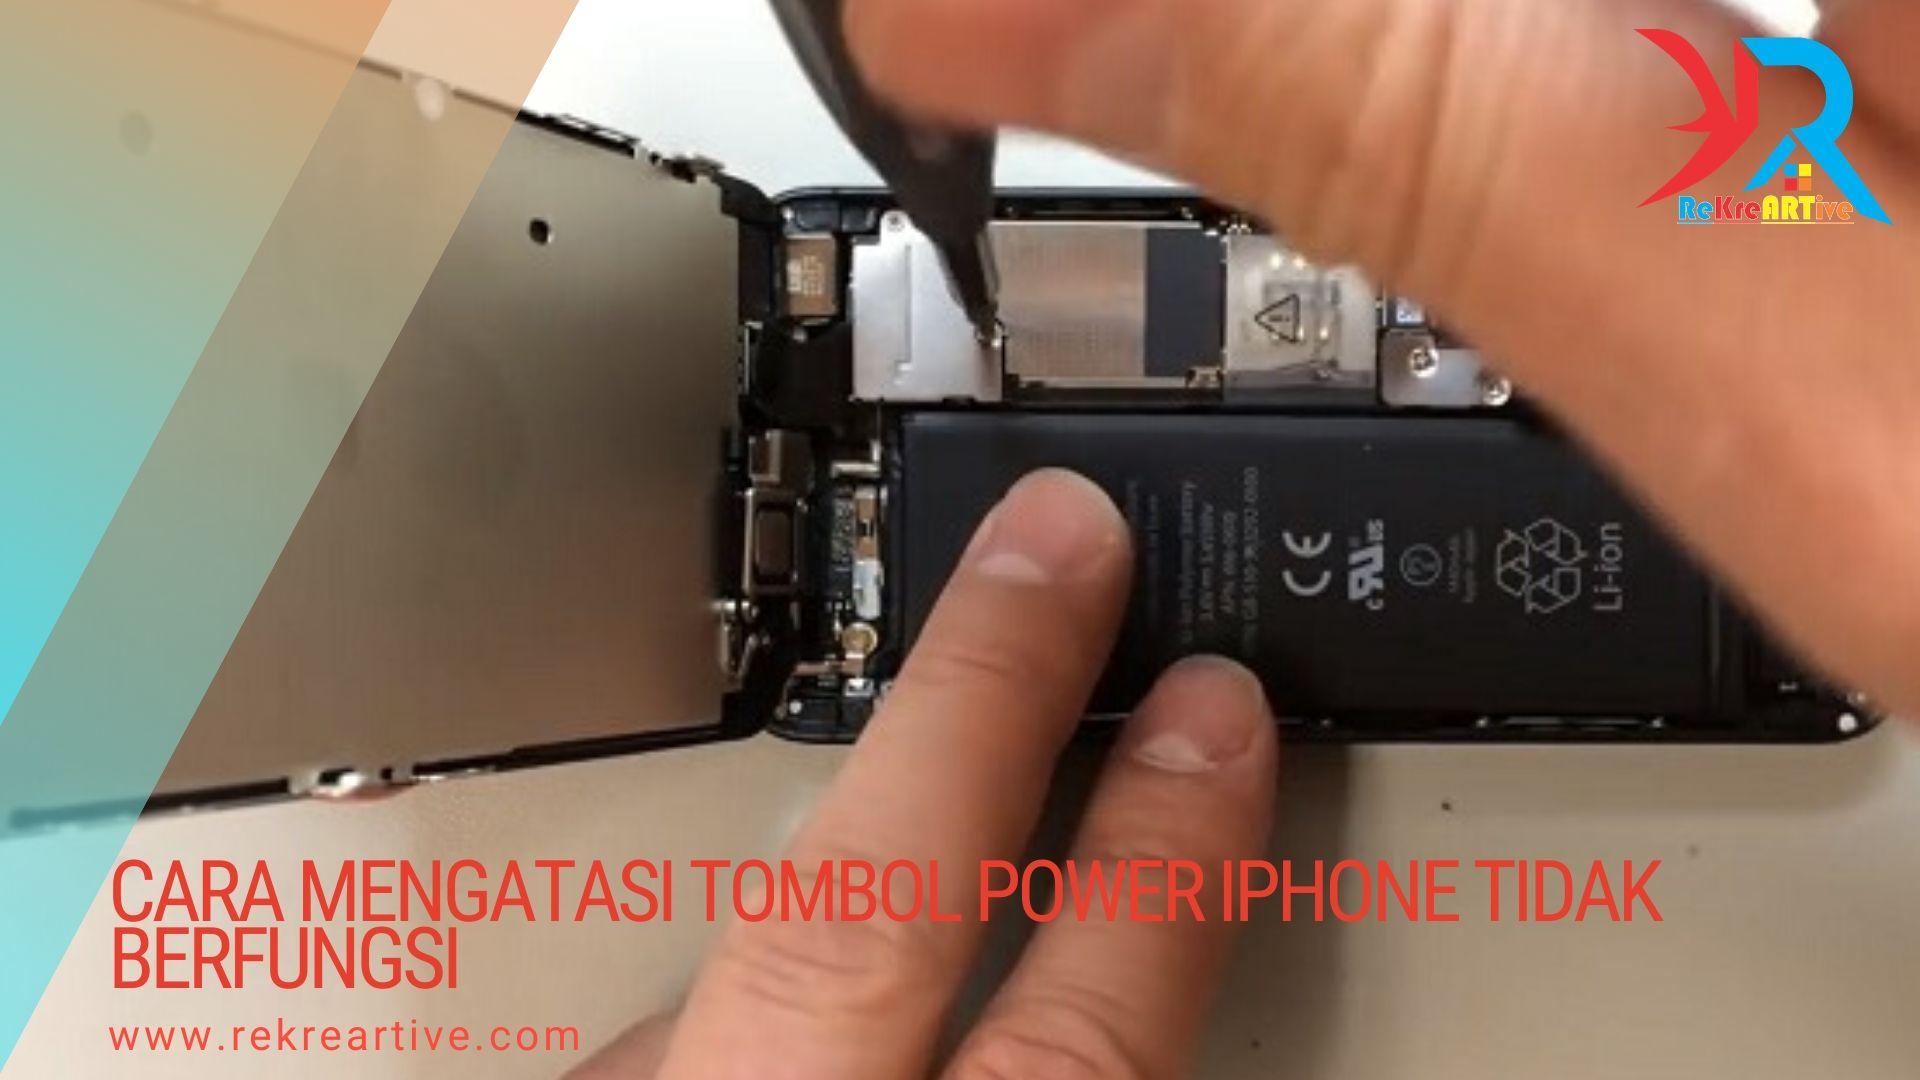 Tombol Power Iphone Tidak Berfungsi Begini Cara Mengatasinya